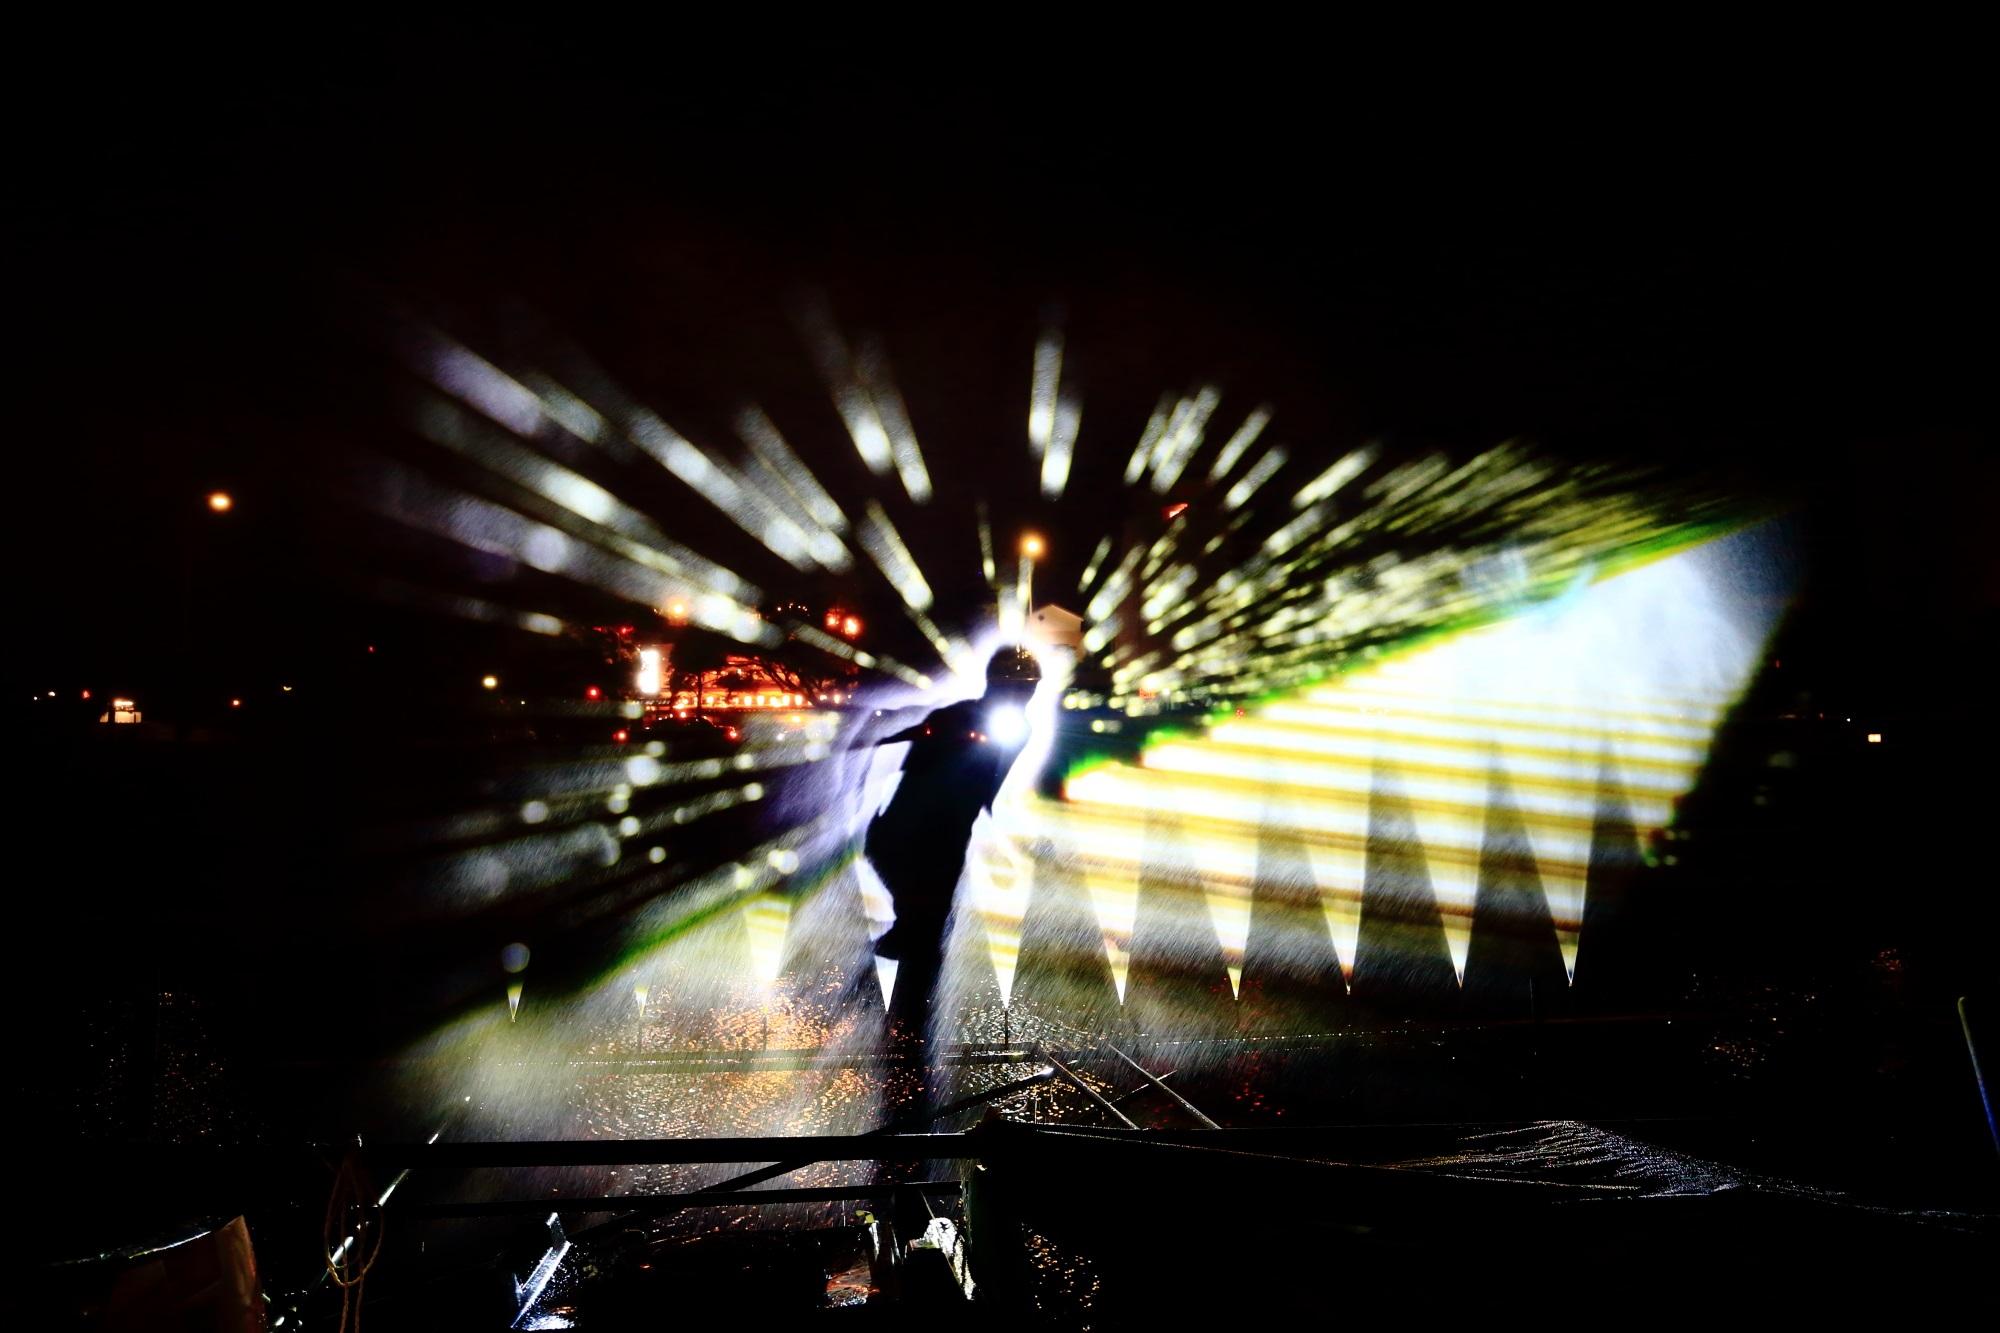 京の七夕鴨川会場の水と光の演出のウォーターアートプロジェクション